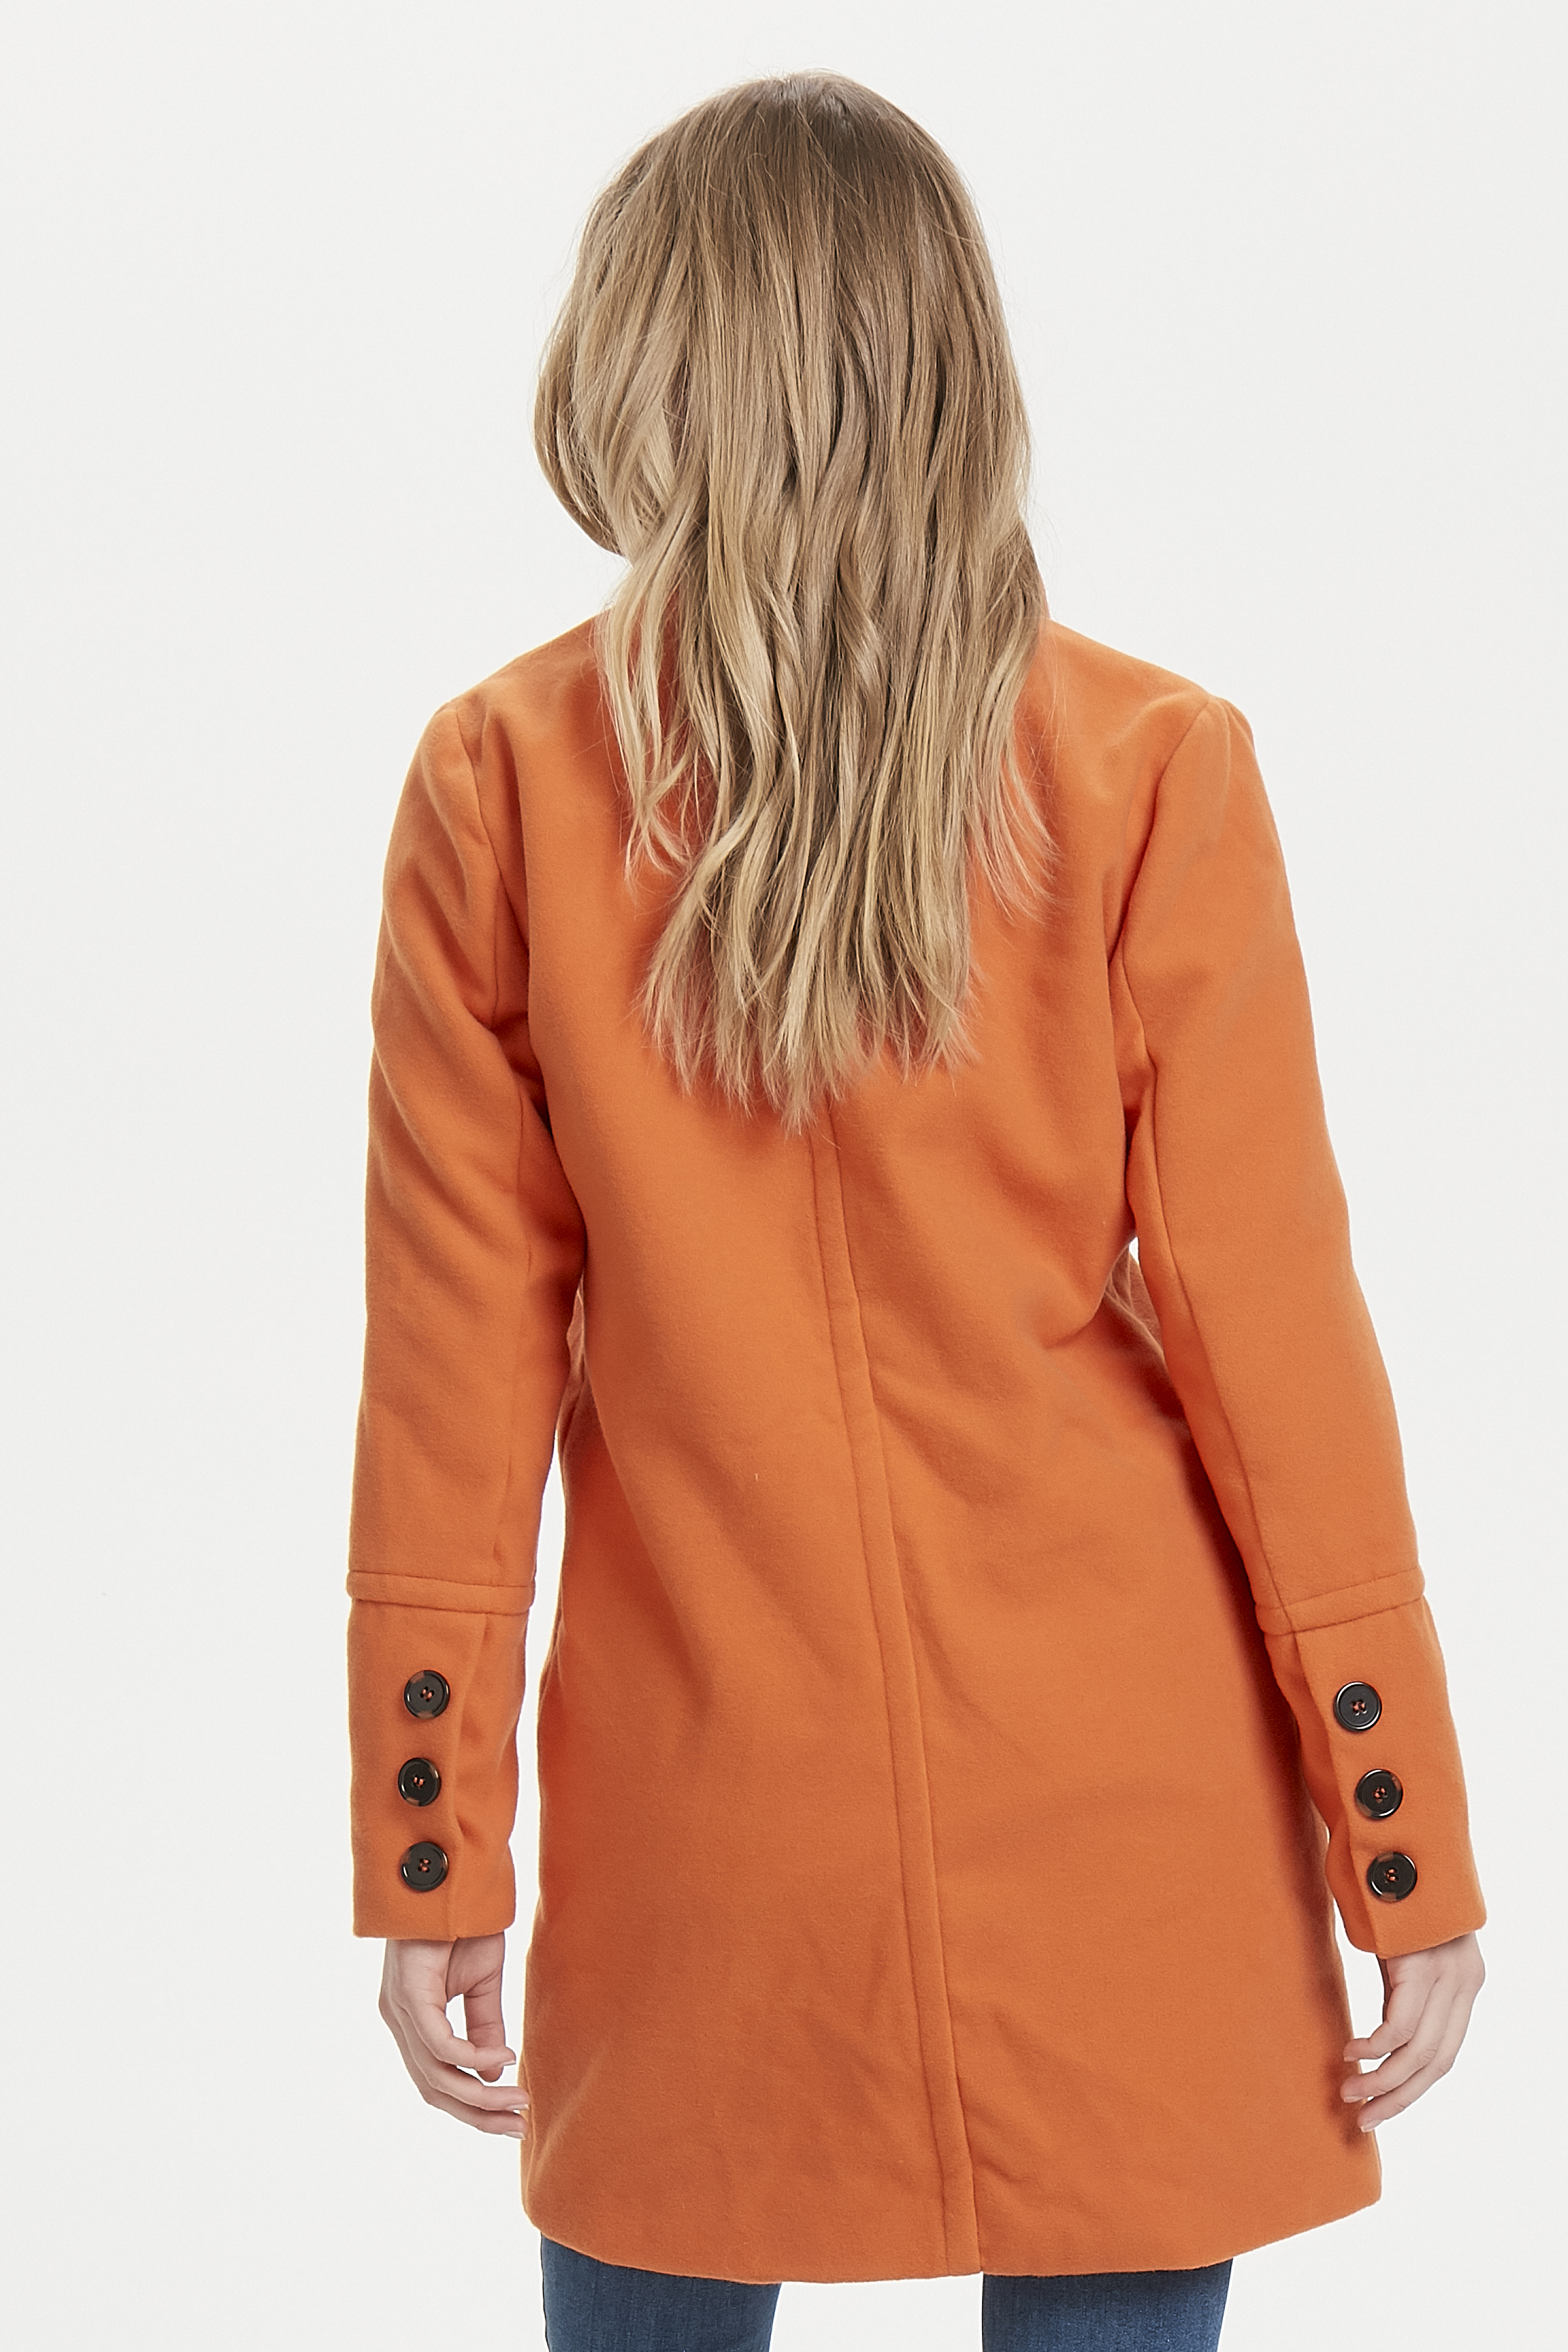 Tulip Orange Jacke von b.young – Kaufen Sie Tulip Orange Jacke aus Größe 34-40 hier